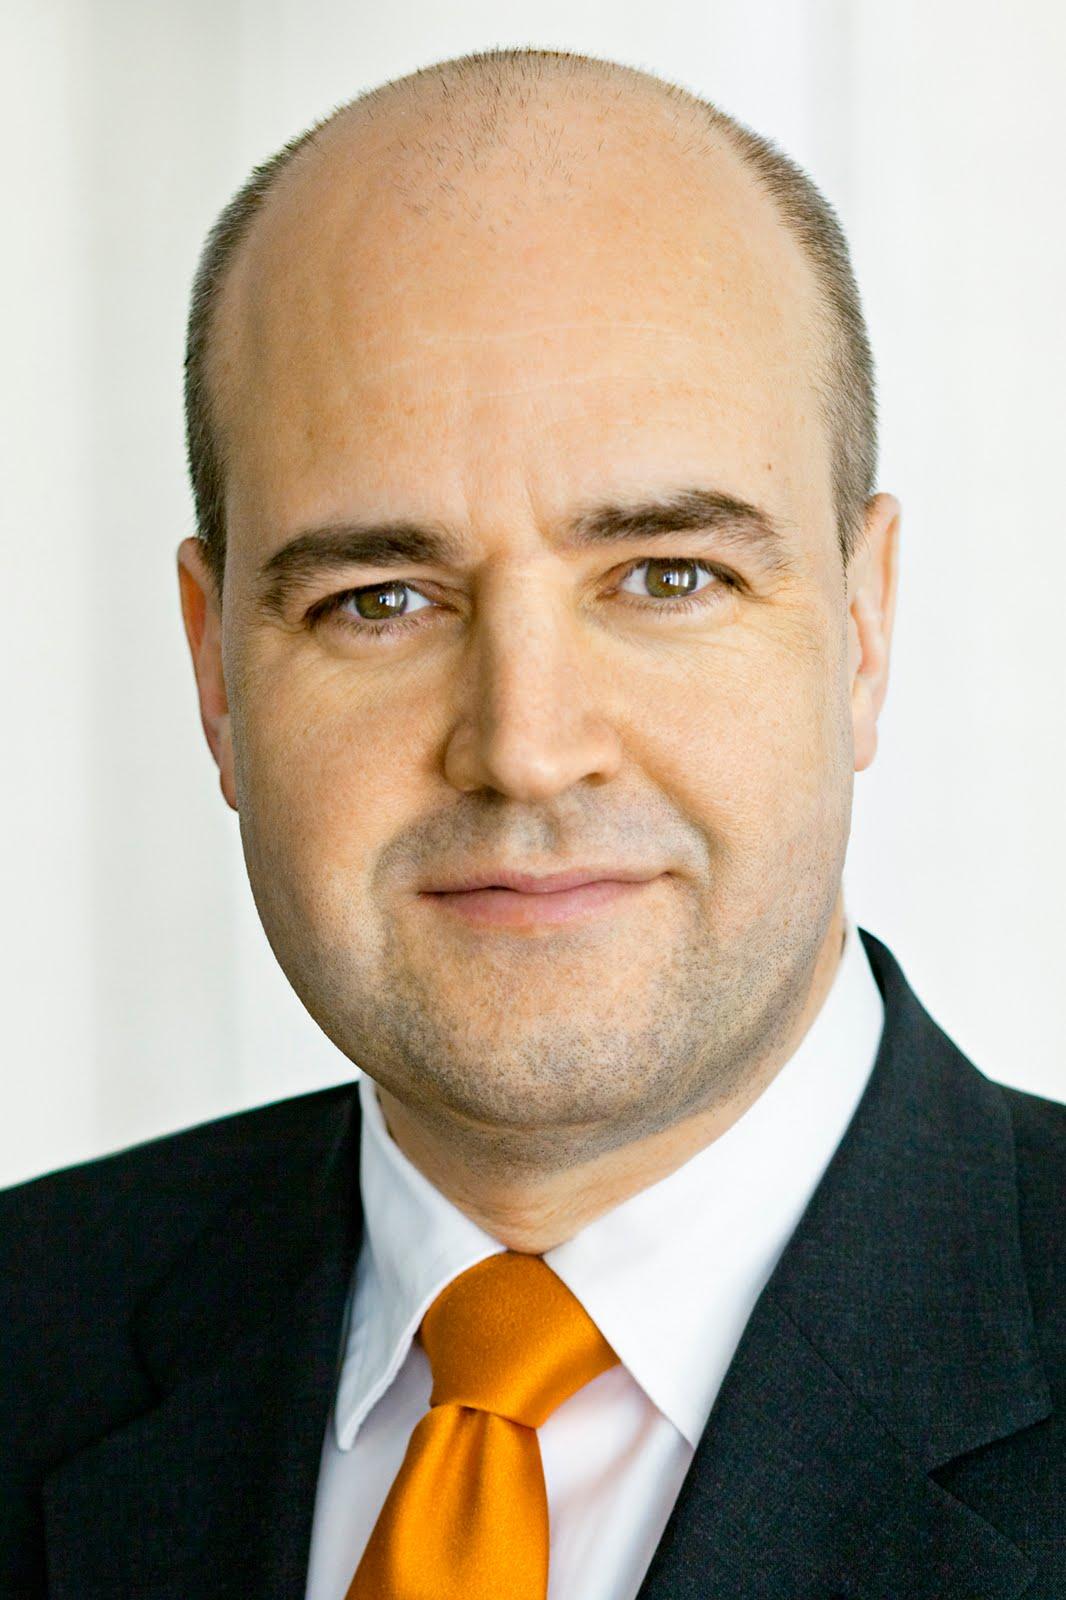 Fredrik Reinfeldt Net Worth